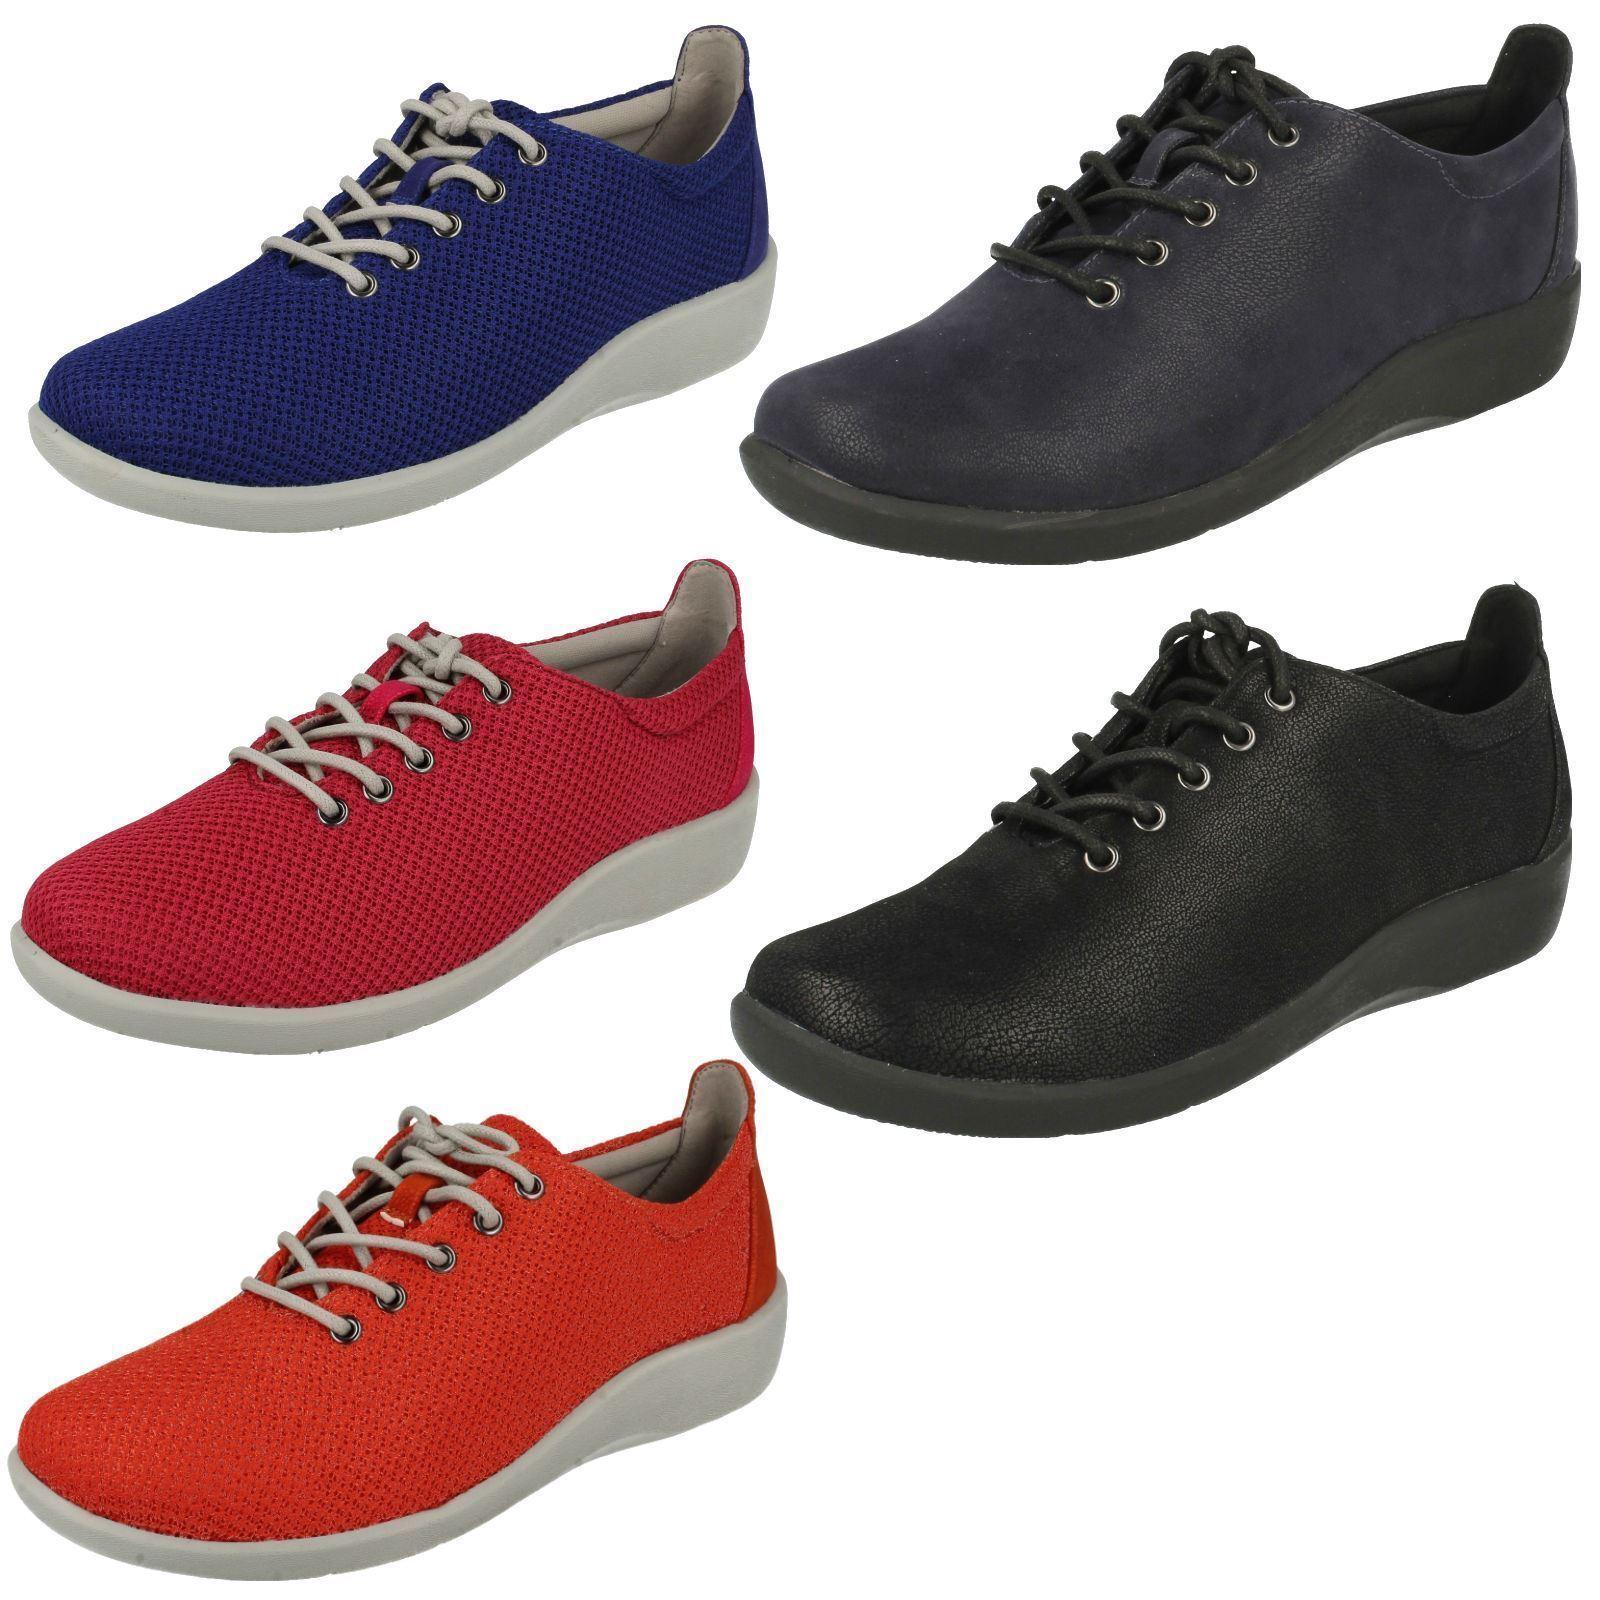 Damen Clarks Cloudsteppers Schnürer Turnschuhe Freizeithosen Schuhe Sillian Tino